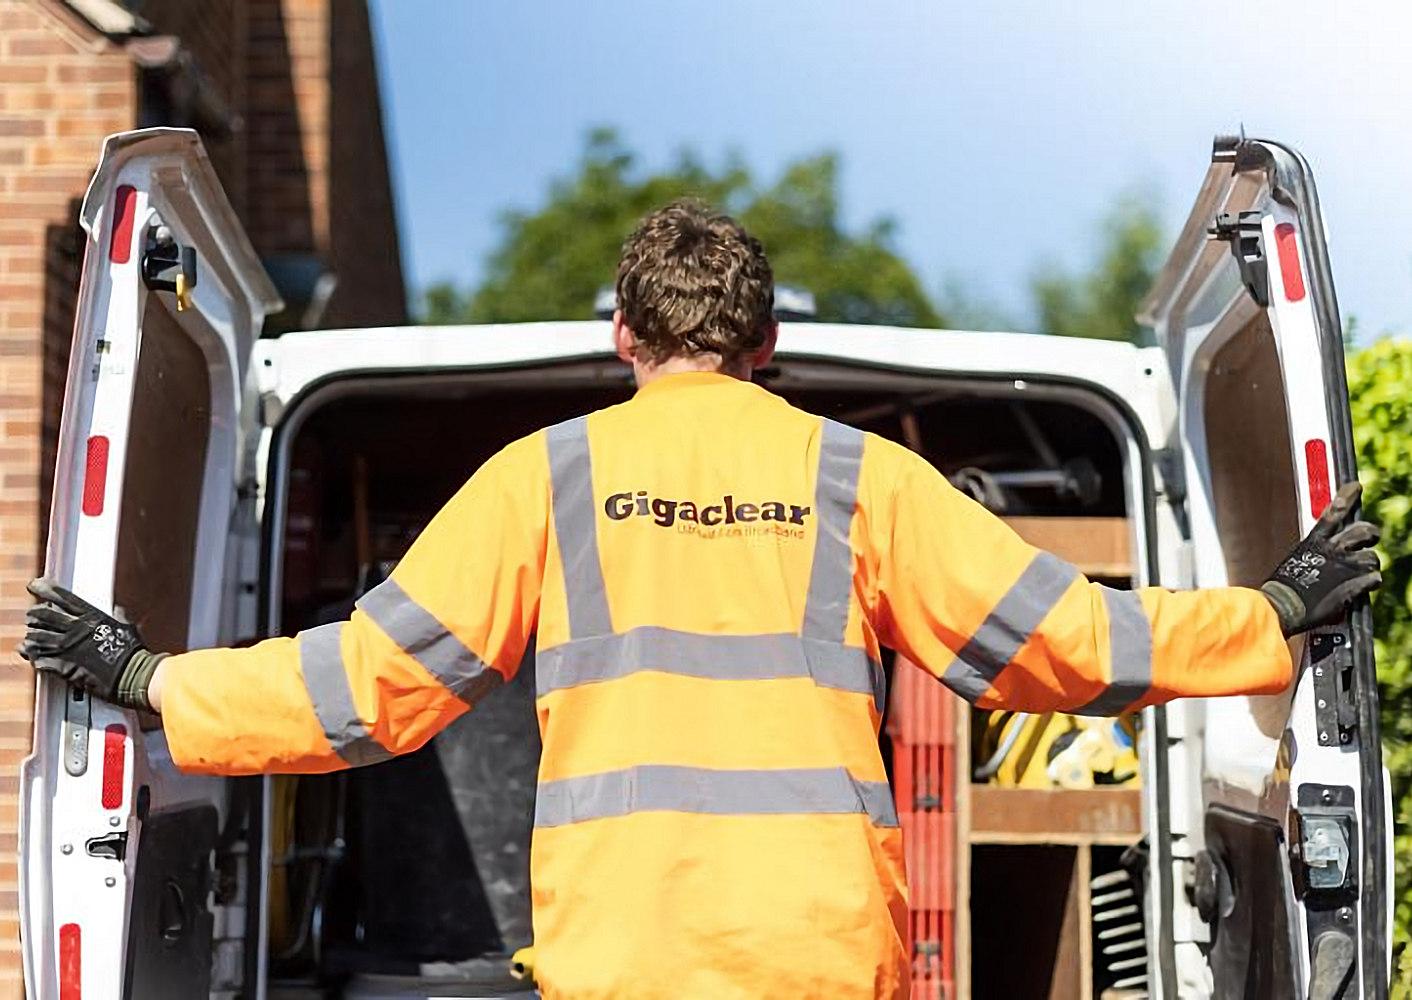 gigaclear_engineer_behind_van